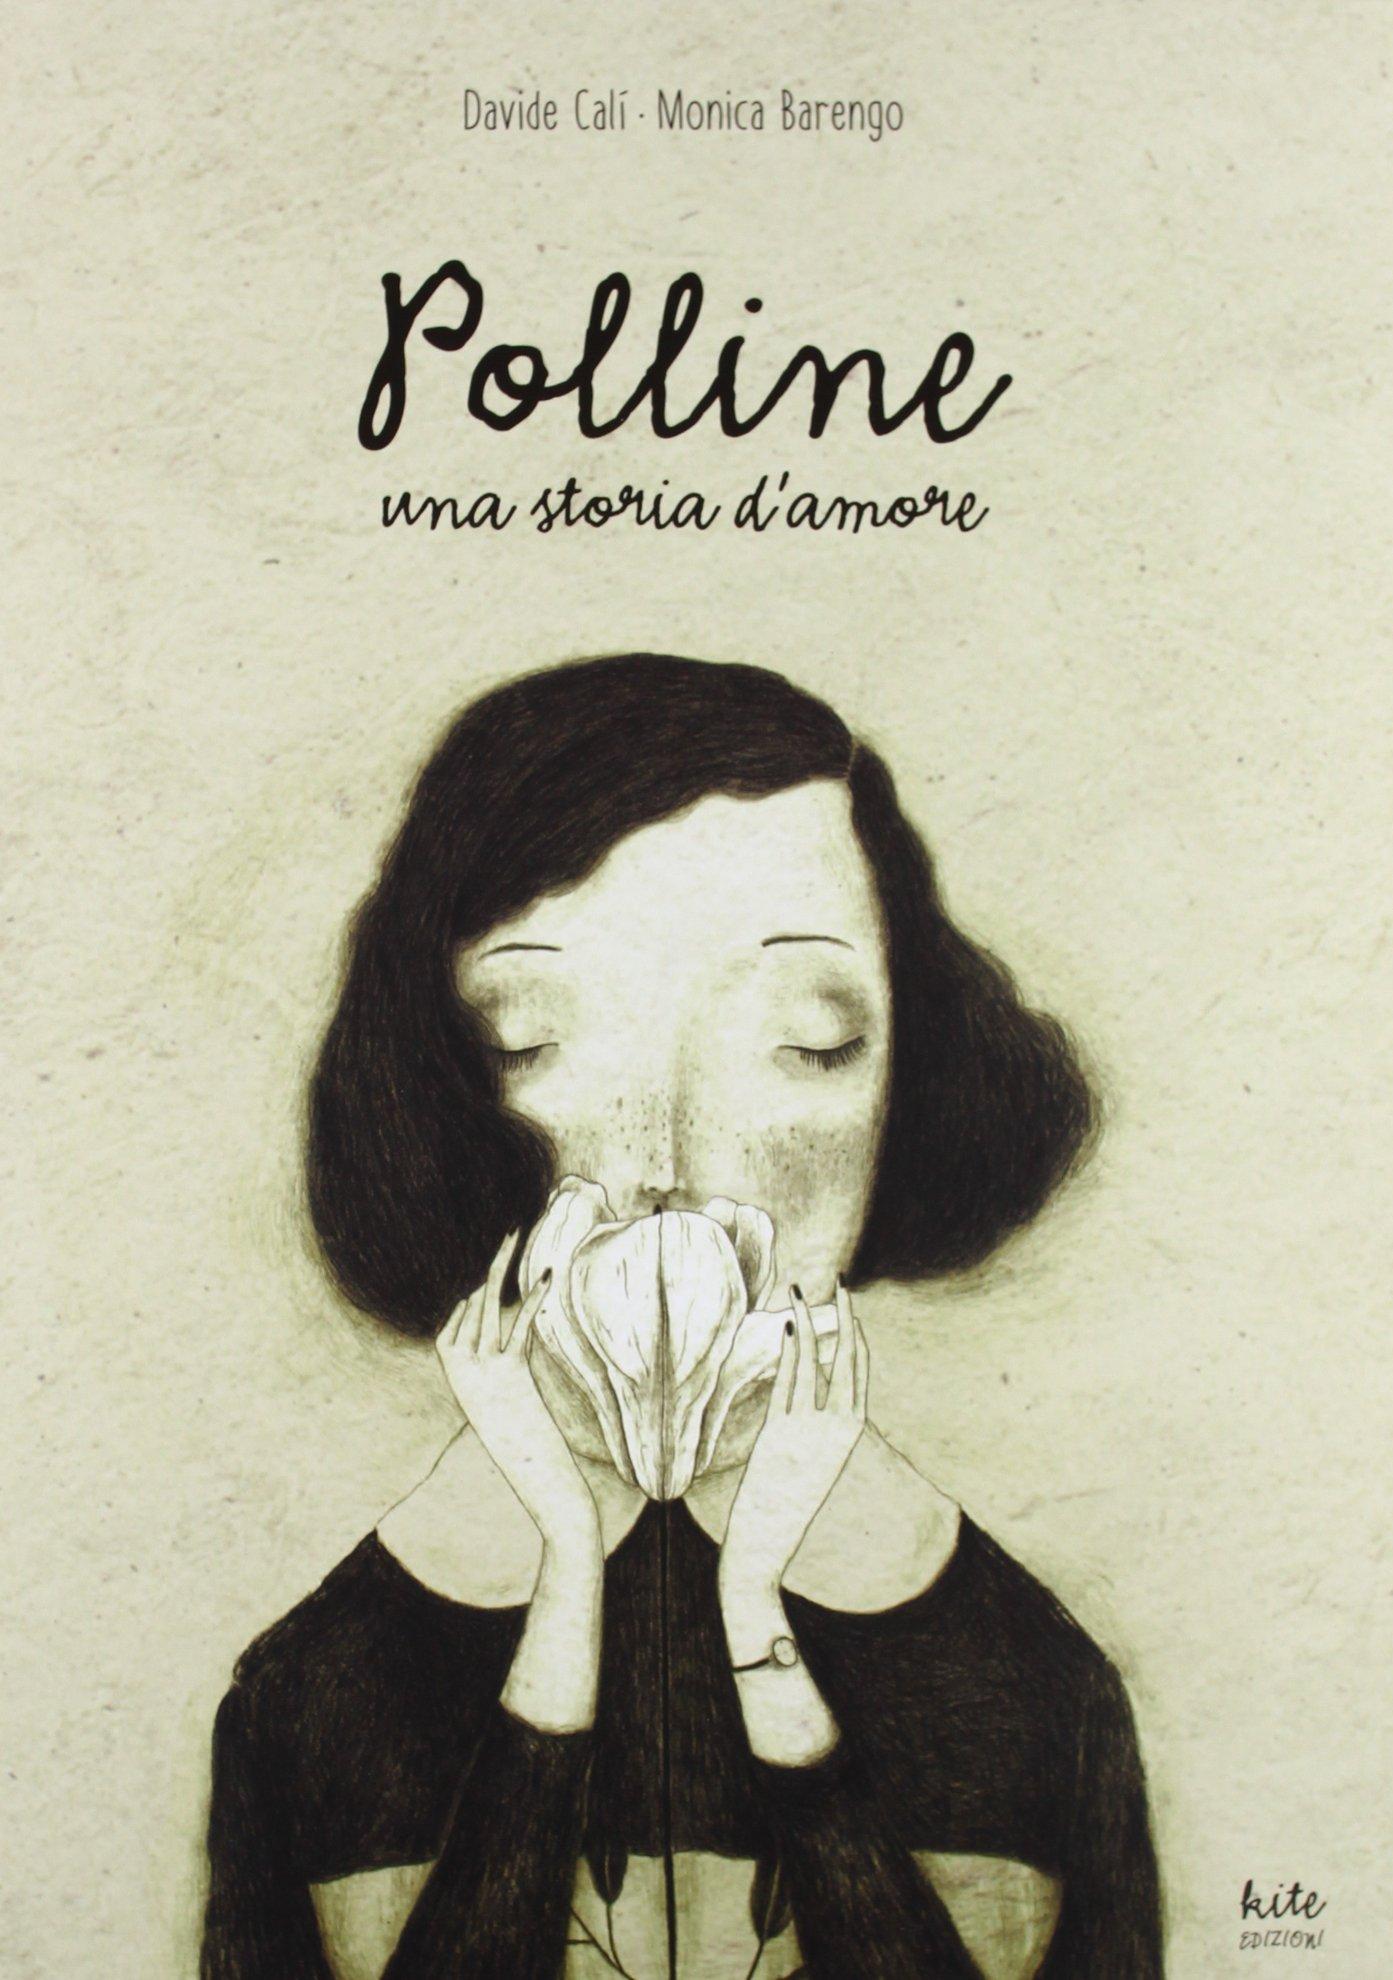 modelli alla moda pacchetto elegante e robusto migliore selezione del 2019 Amazon.it: Polline. Una storia d'amore - Davide Calì, V. Mai ...